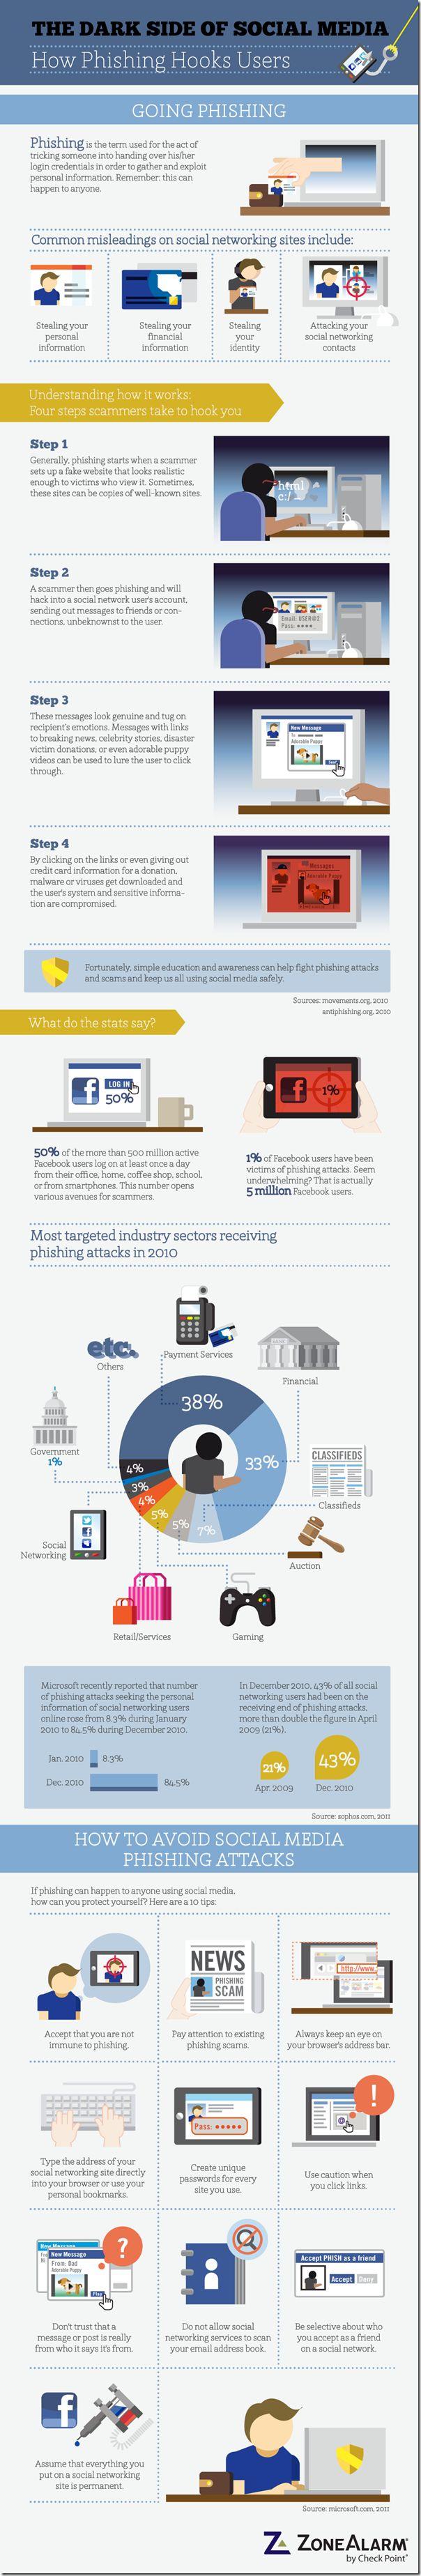 Infografik: #SocialMedia Phishing und 10 Tipps, um einen Angriff zu vermeiden.